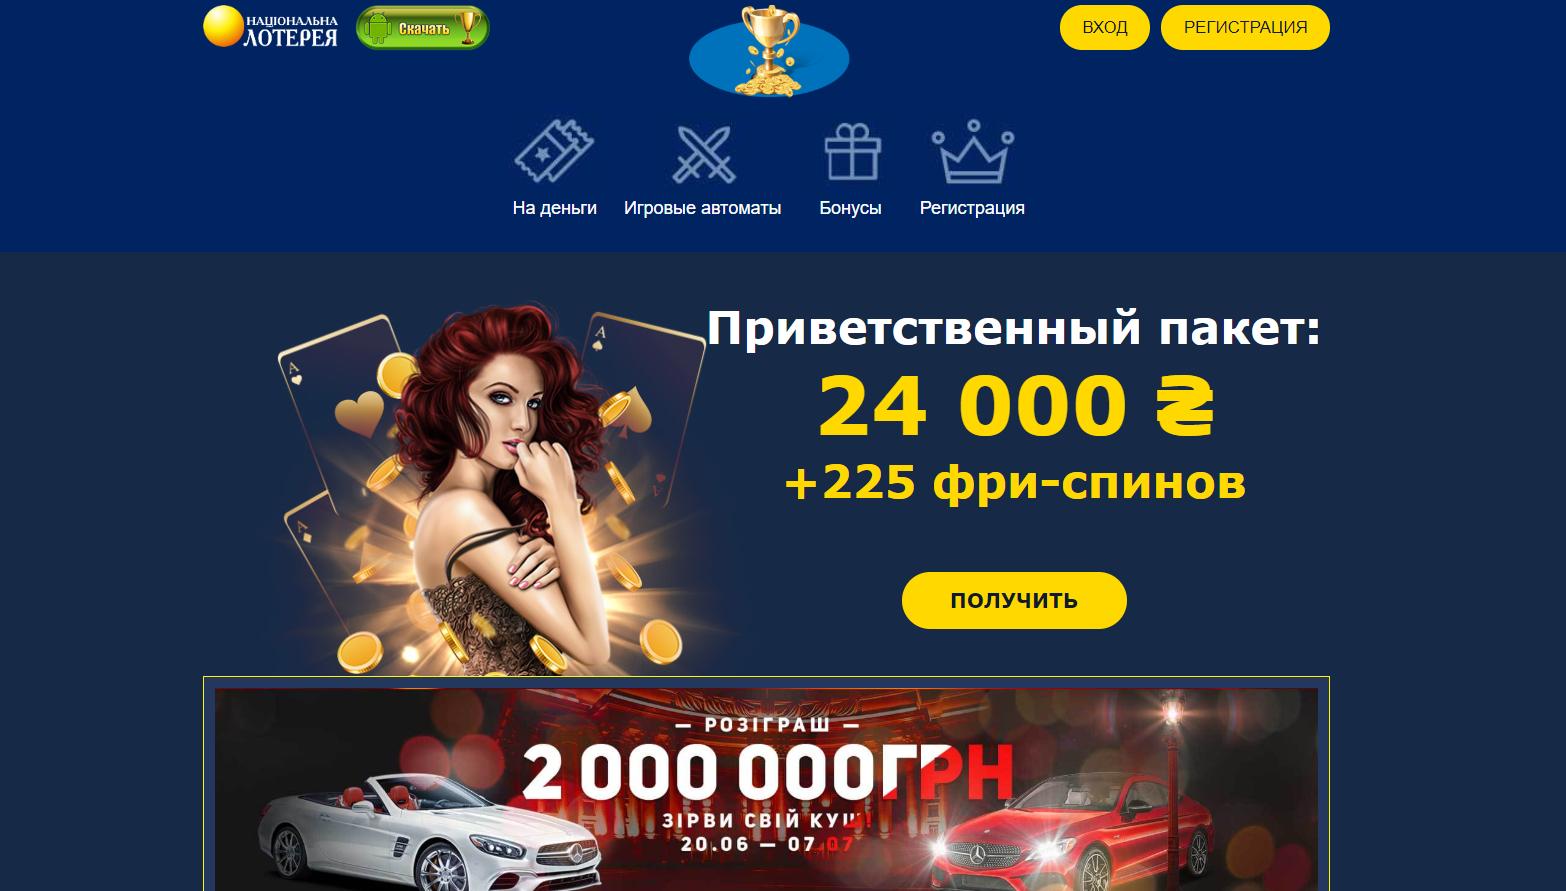 Голд Куп как одна из лучших украинских лоторей